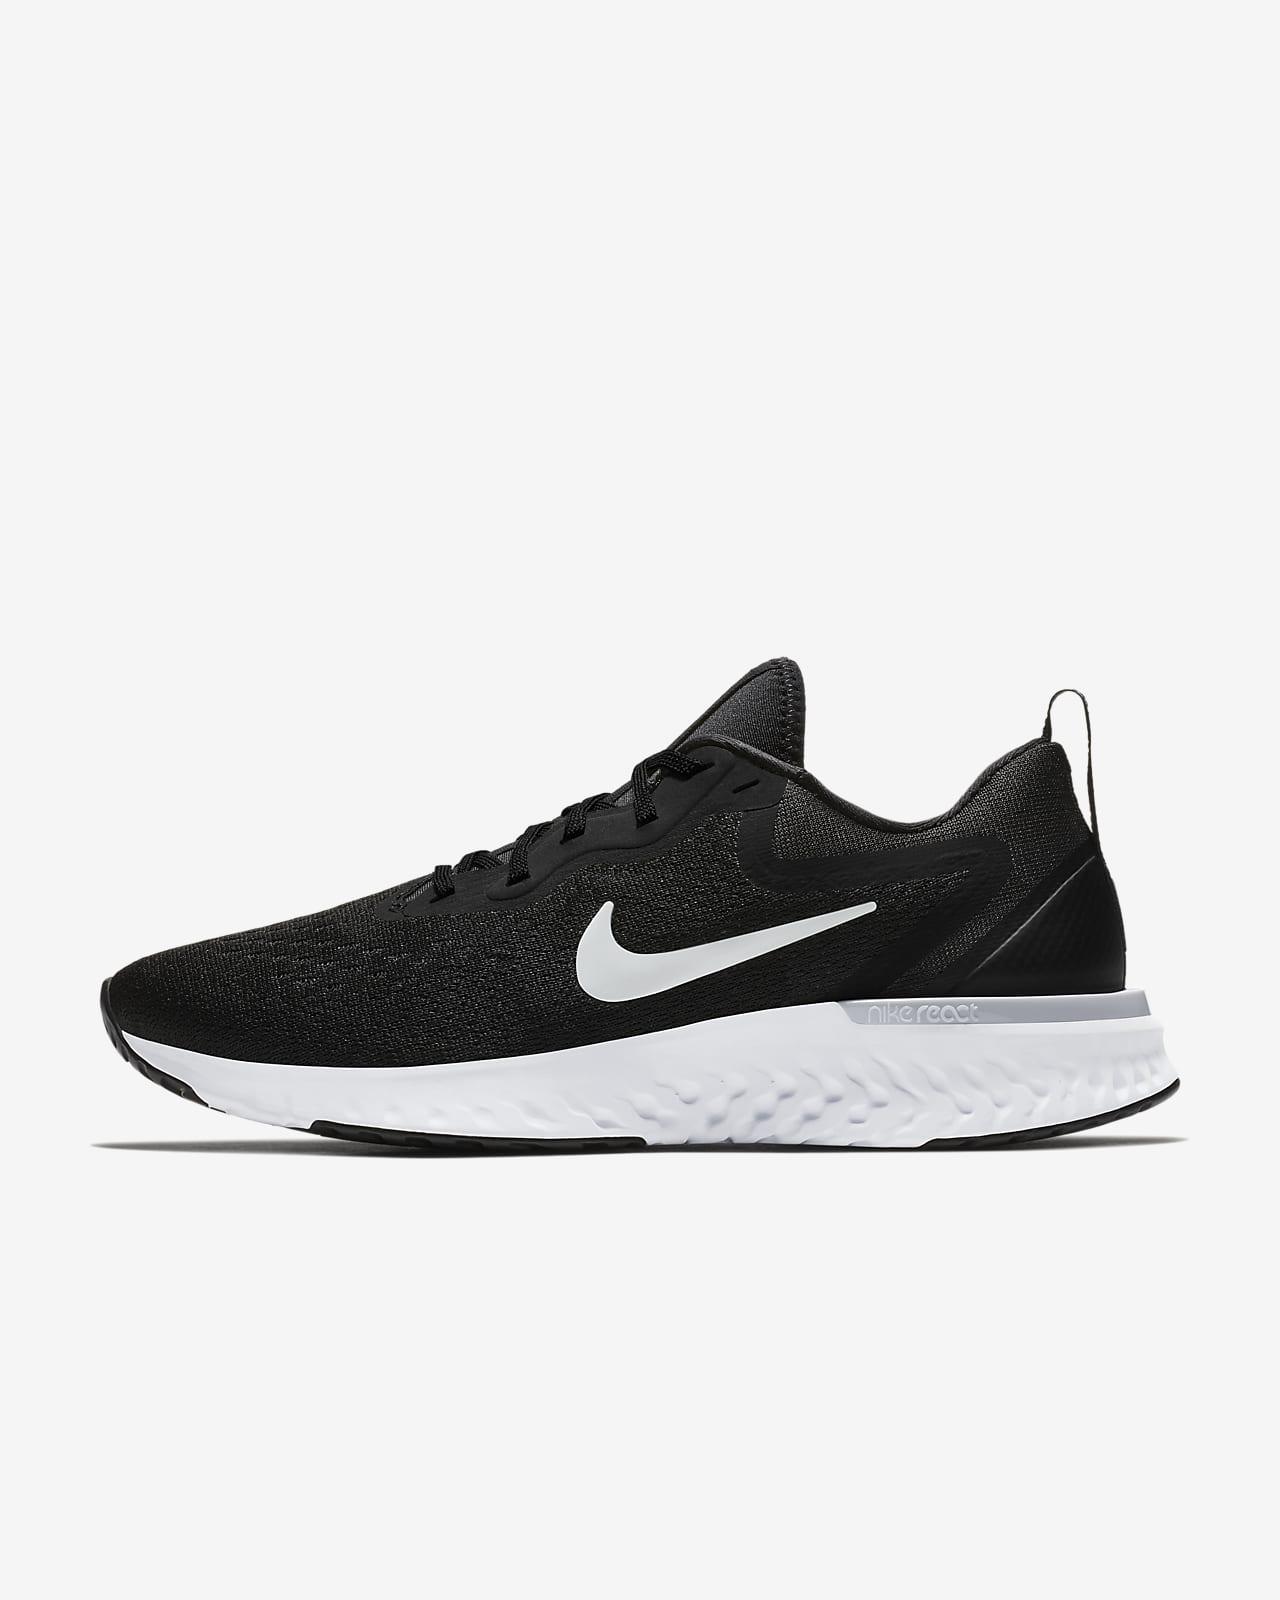 corazón seco Larry Belmont  Nike Odyssey React Women's Running Shoe. Nike ID